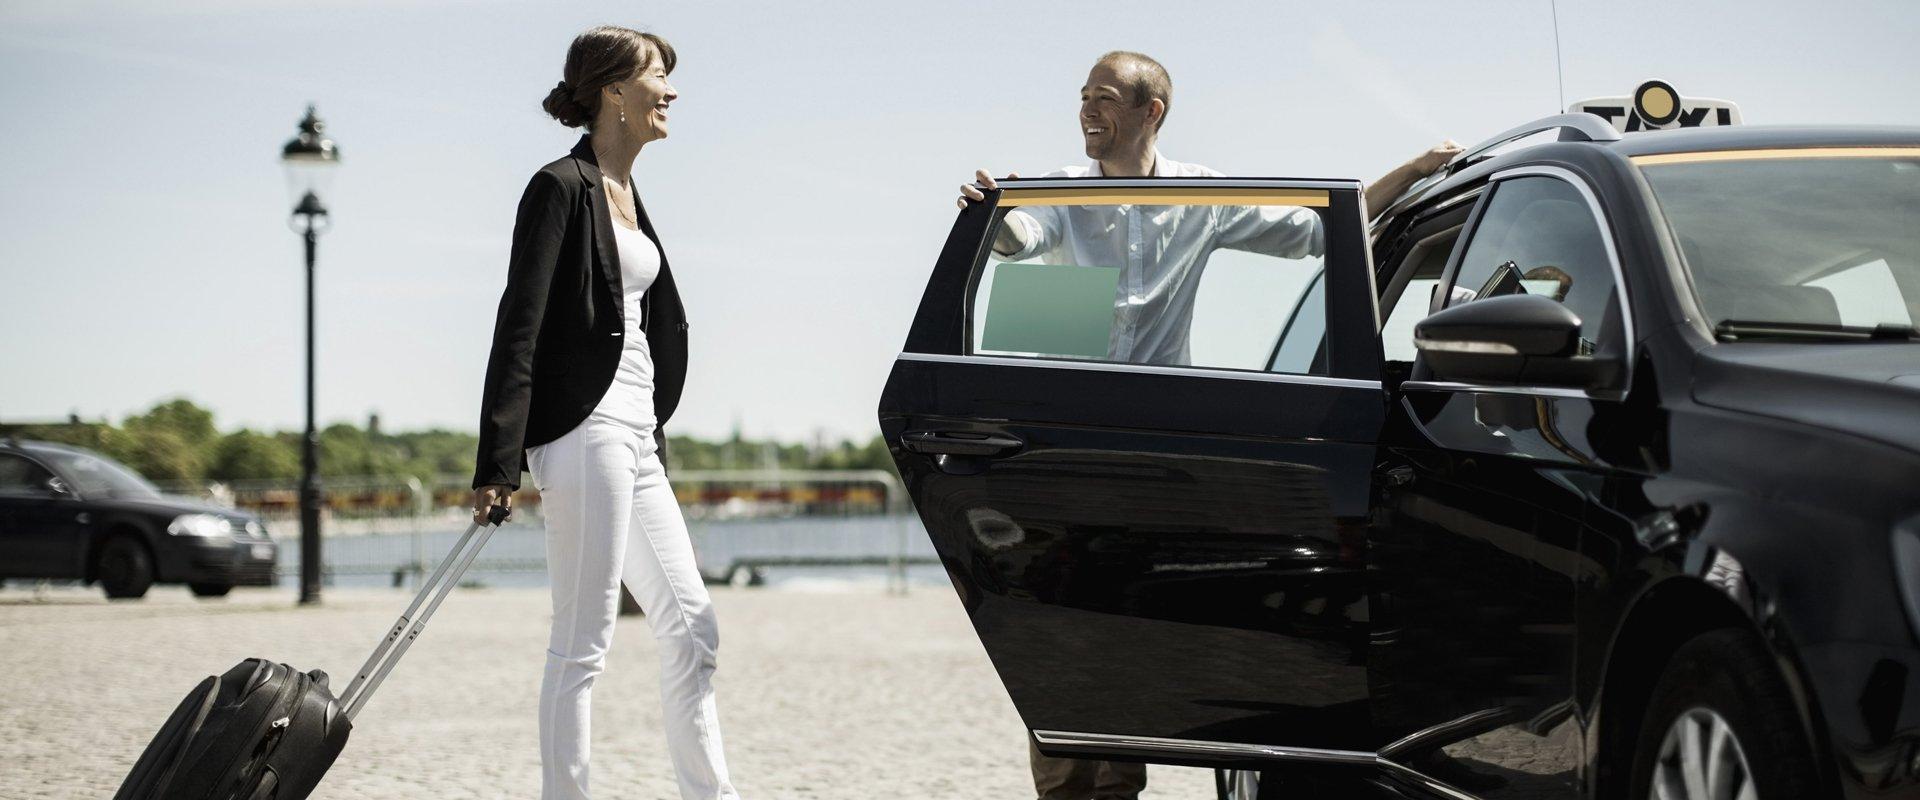 executive taxi